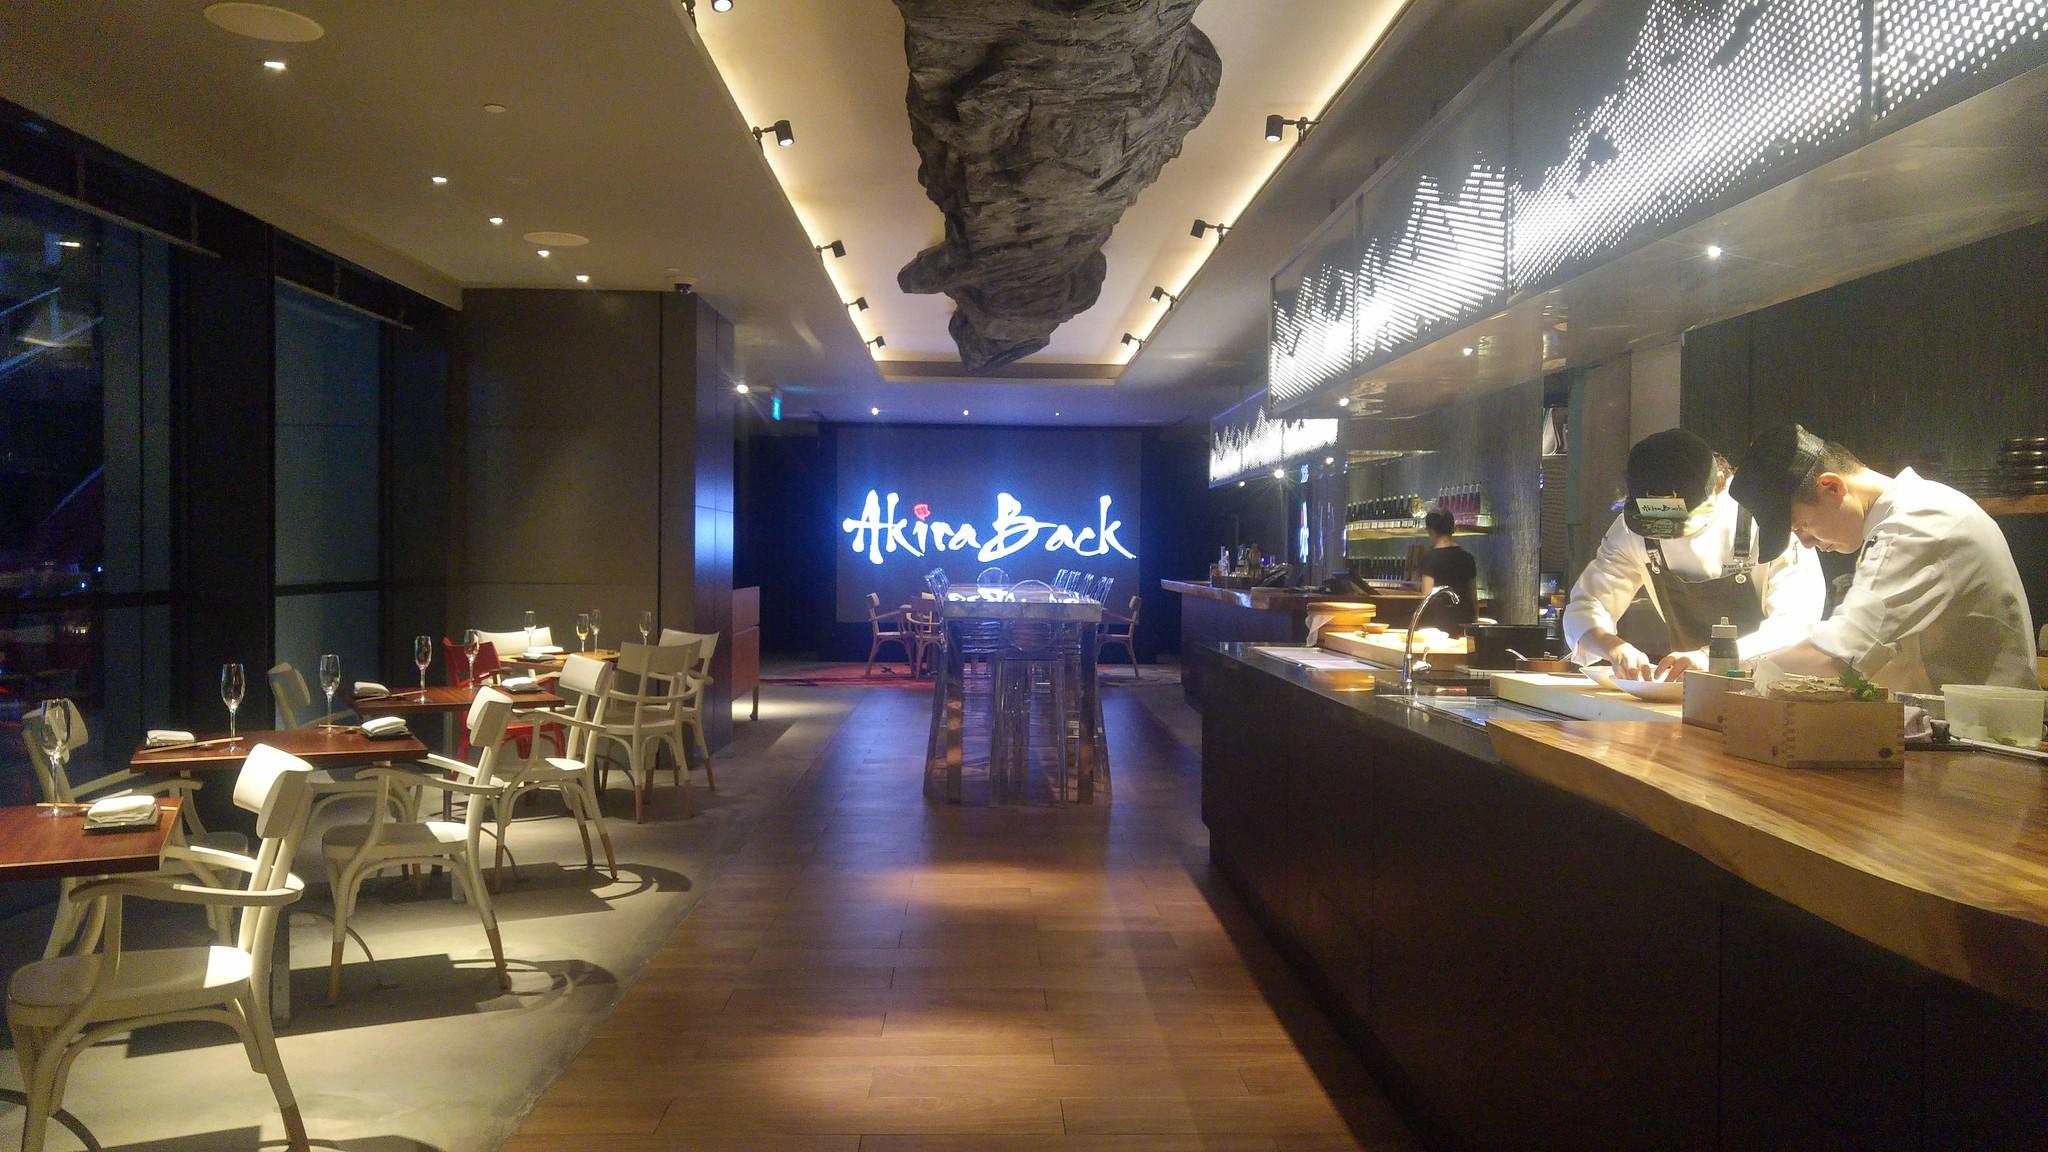 AkiraBack11